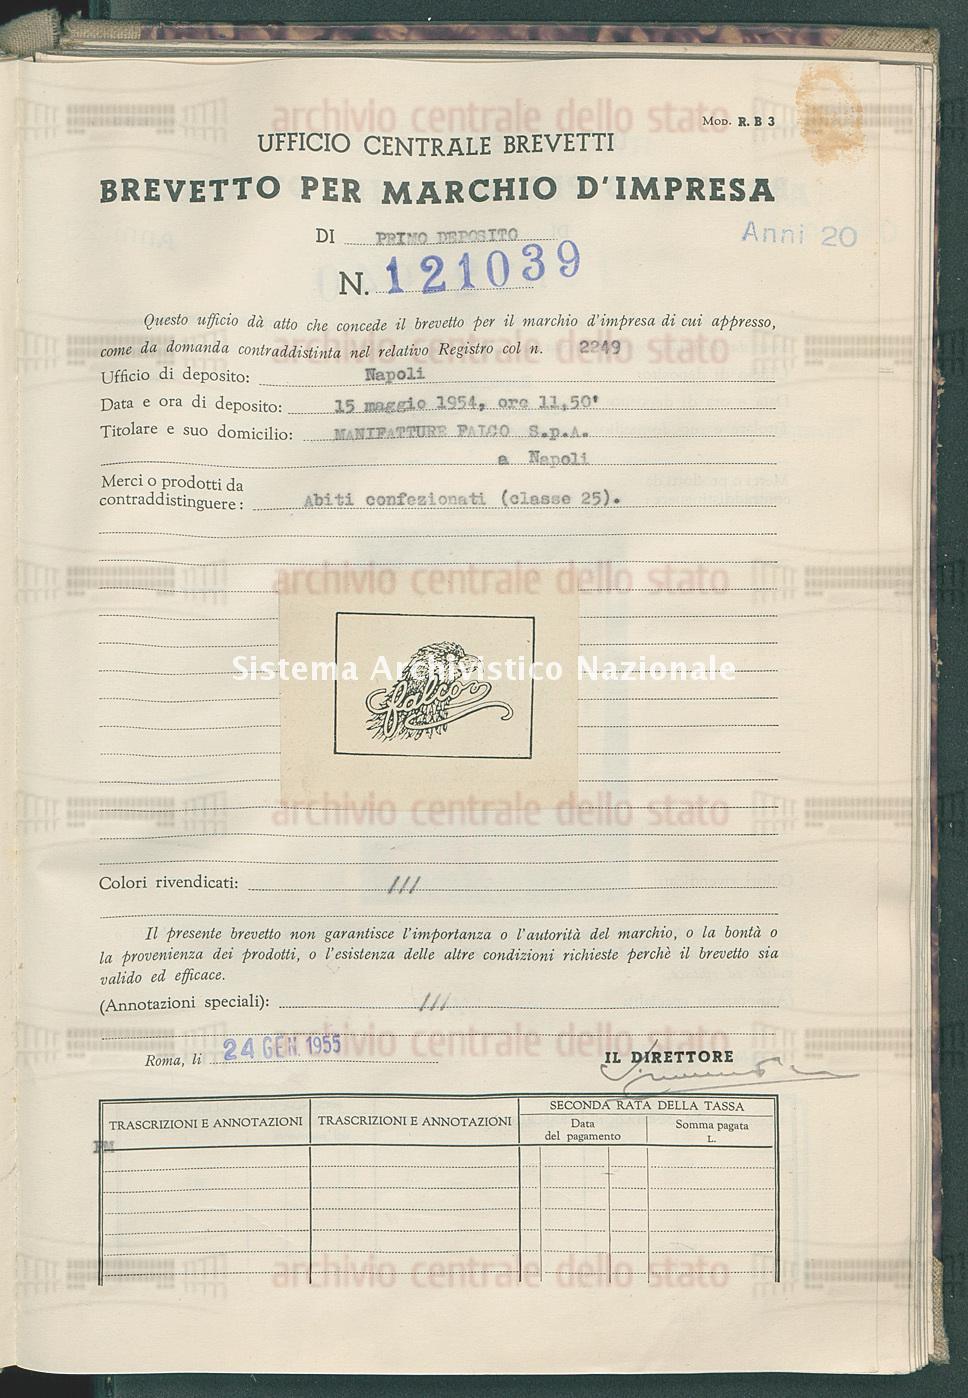 Abiti confezionati Manifatture Falco S.P.A. (24/01/1955)